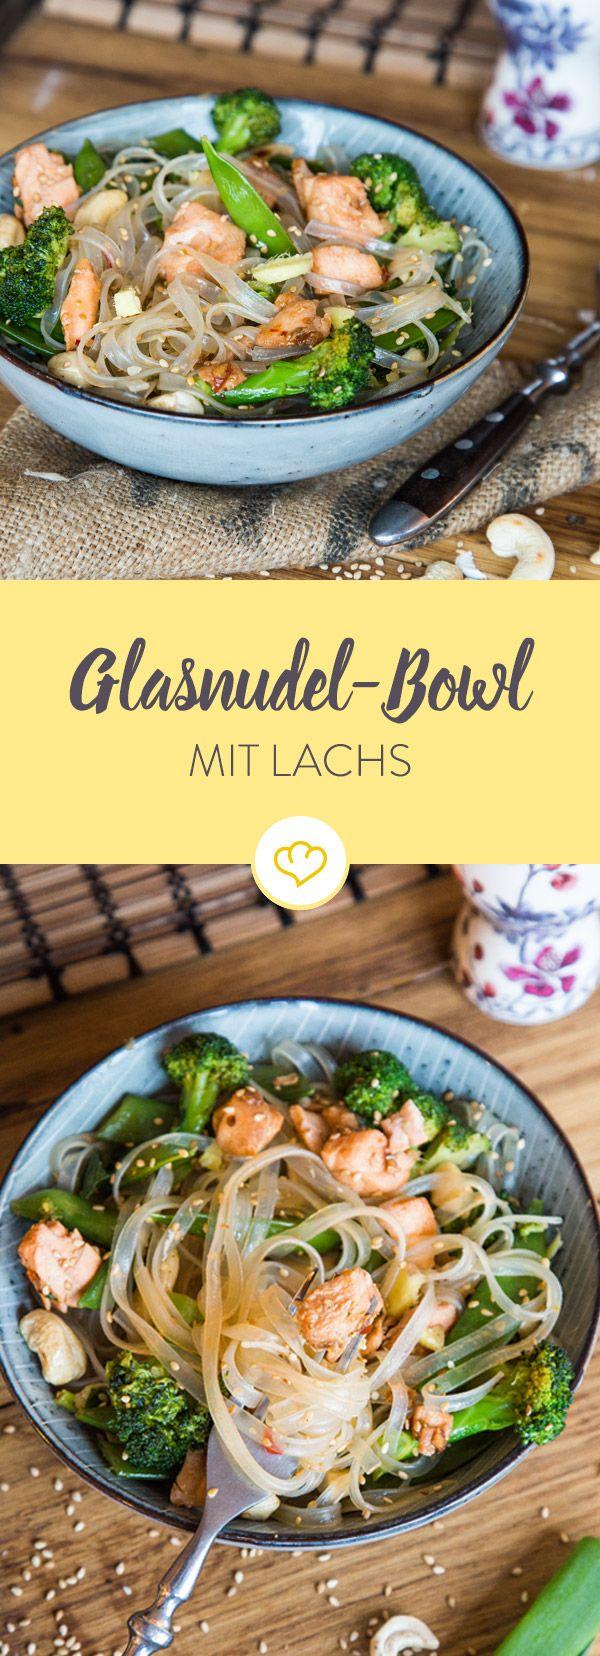 Asiatische Glasnudel-Bowl mit Lachs und Sesam #kücheninspiration